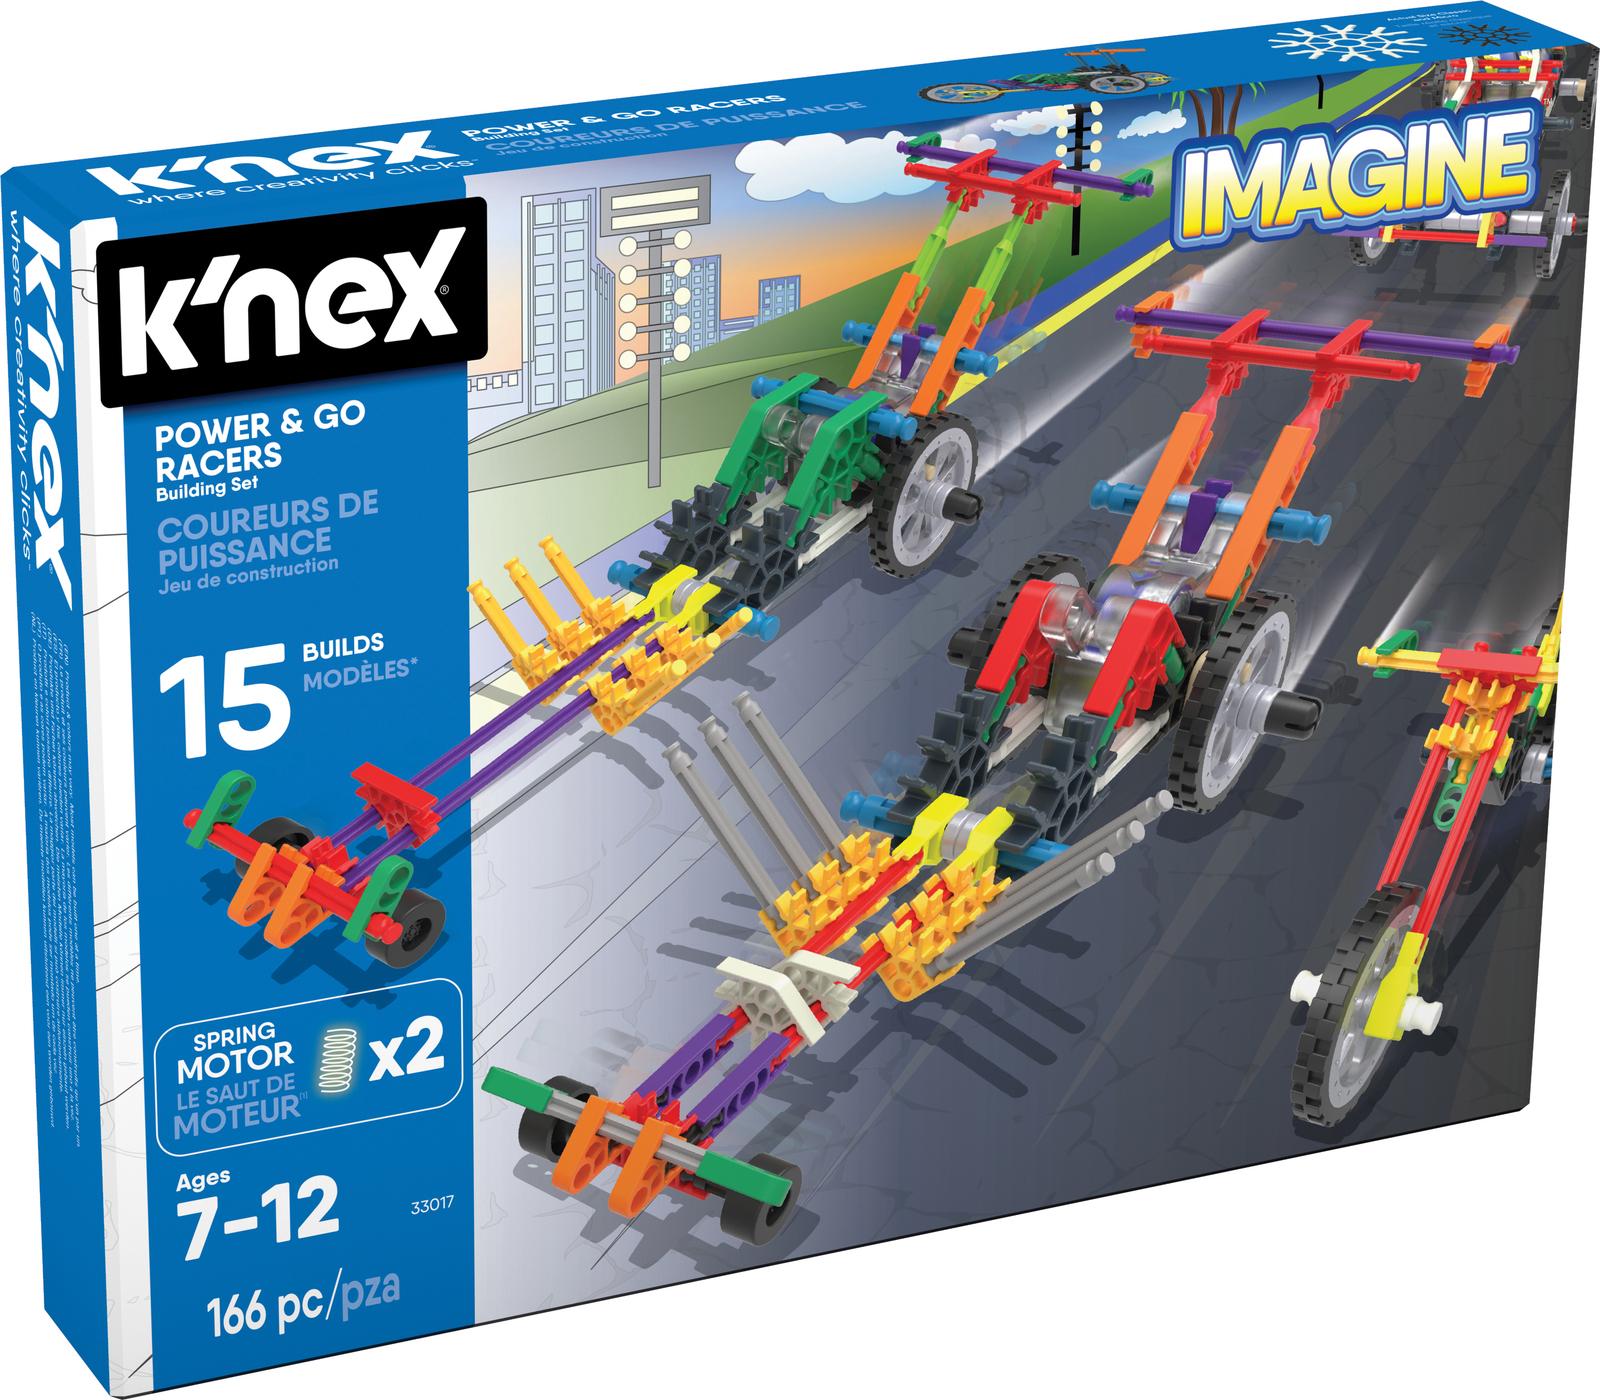 K'Nex: Imagine - Power & Go Racer Set (33017) image